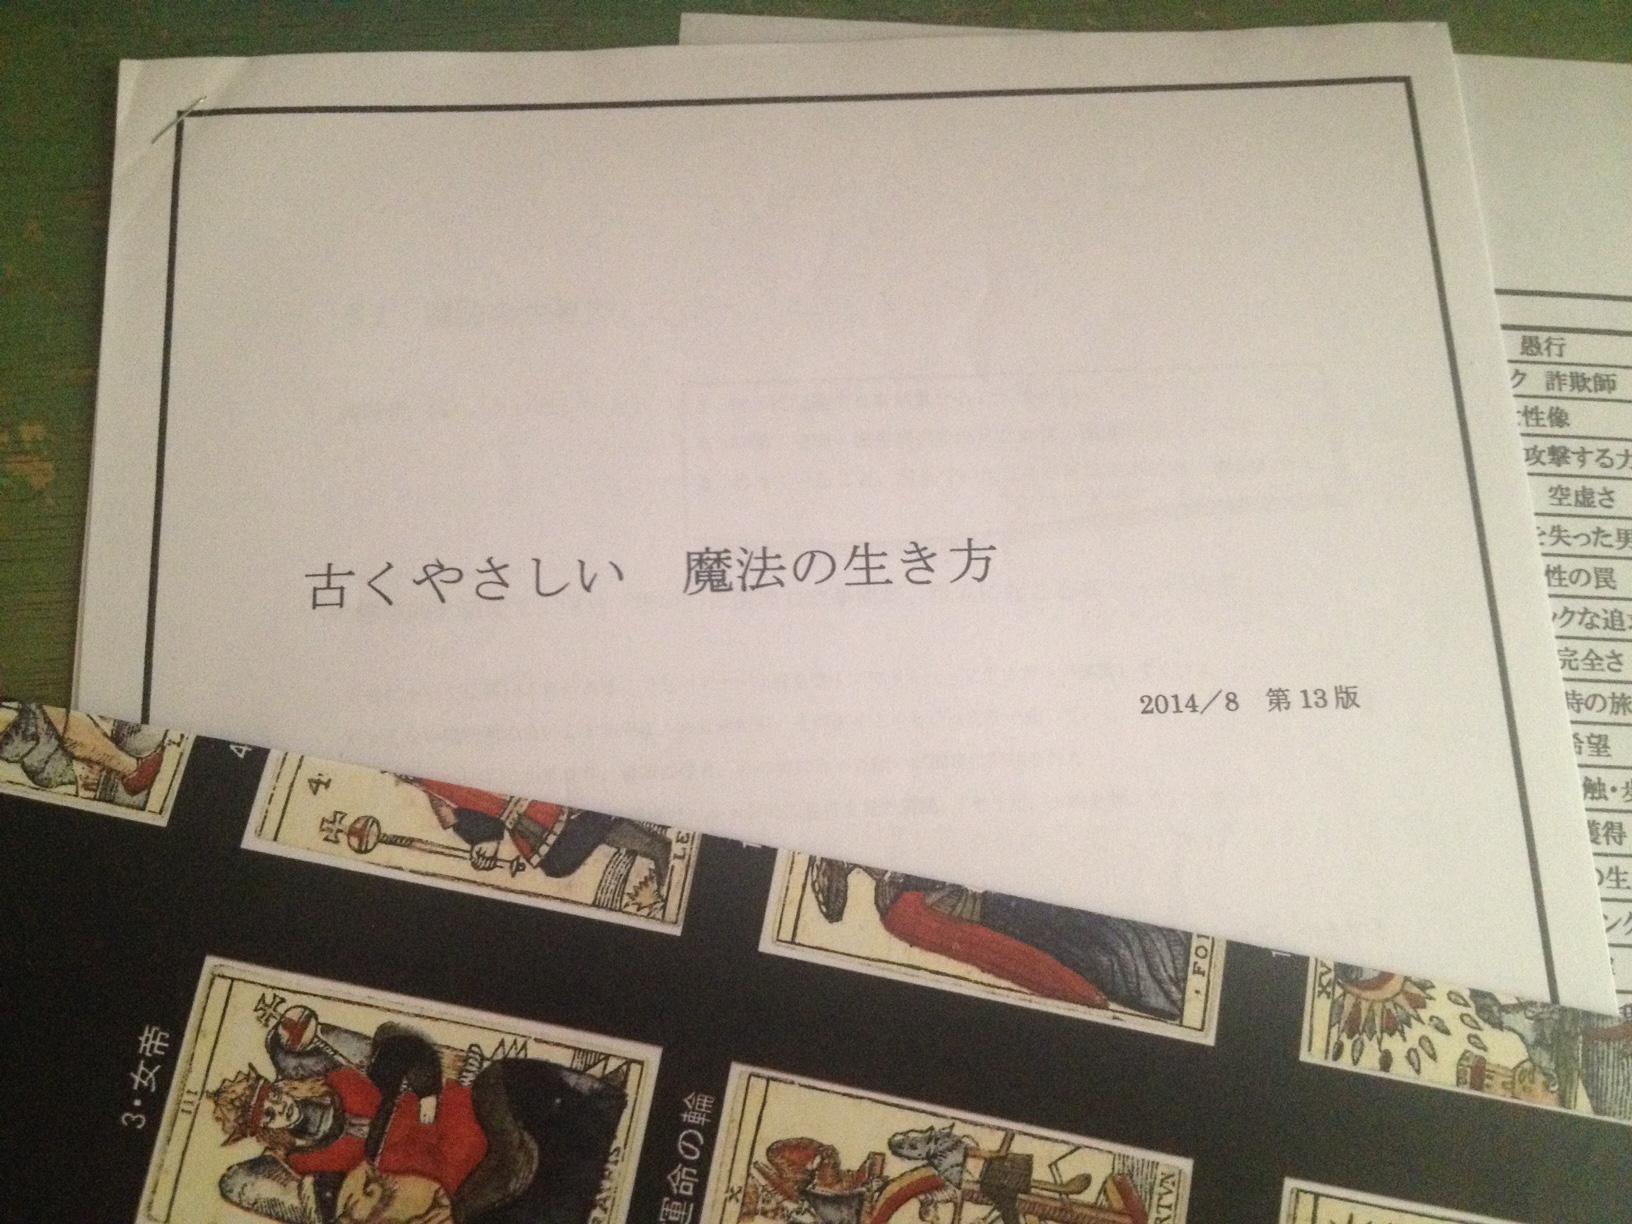 10月2日(日)古くやさしい魔法の生き方フォローアップ・タロットカード編 開催します!